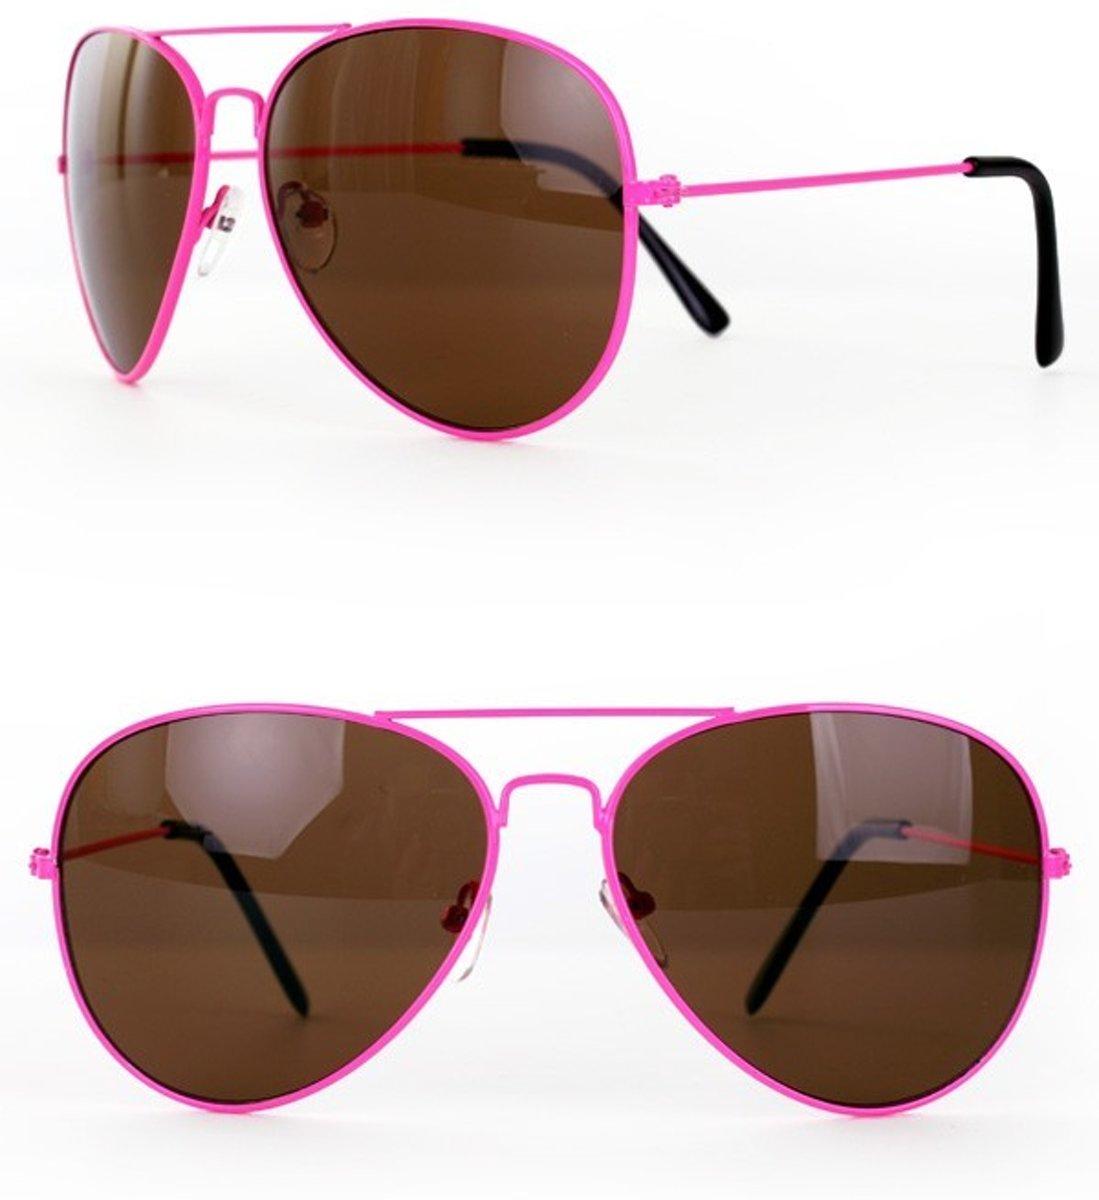 piloten bril - pink frame - per stuk kopen